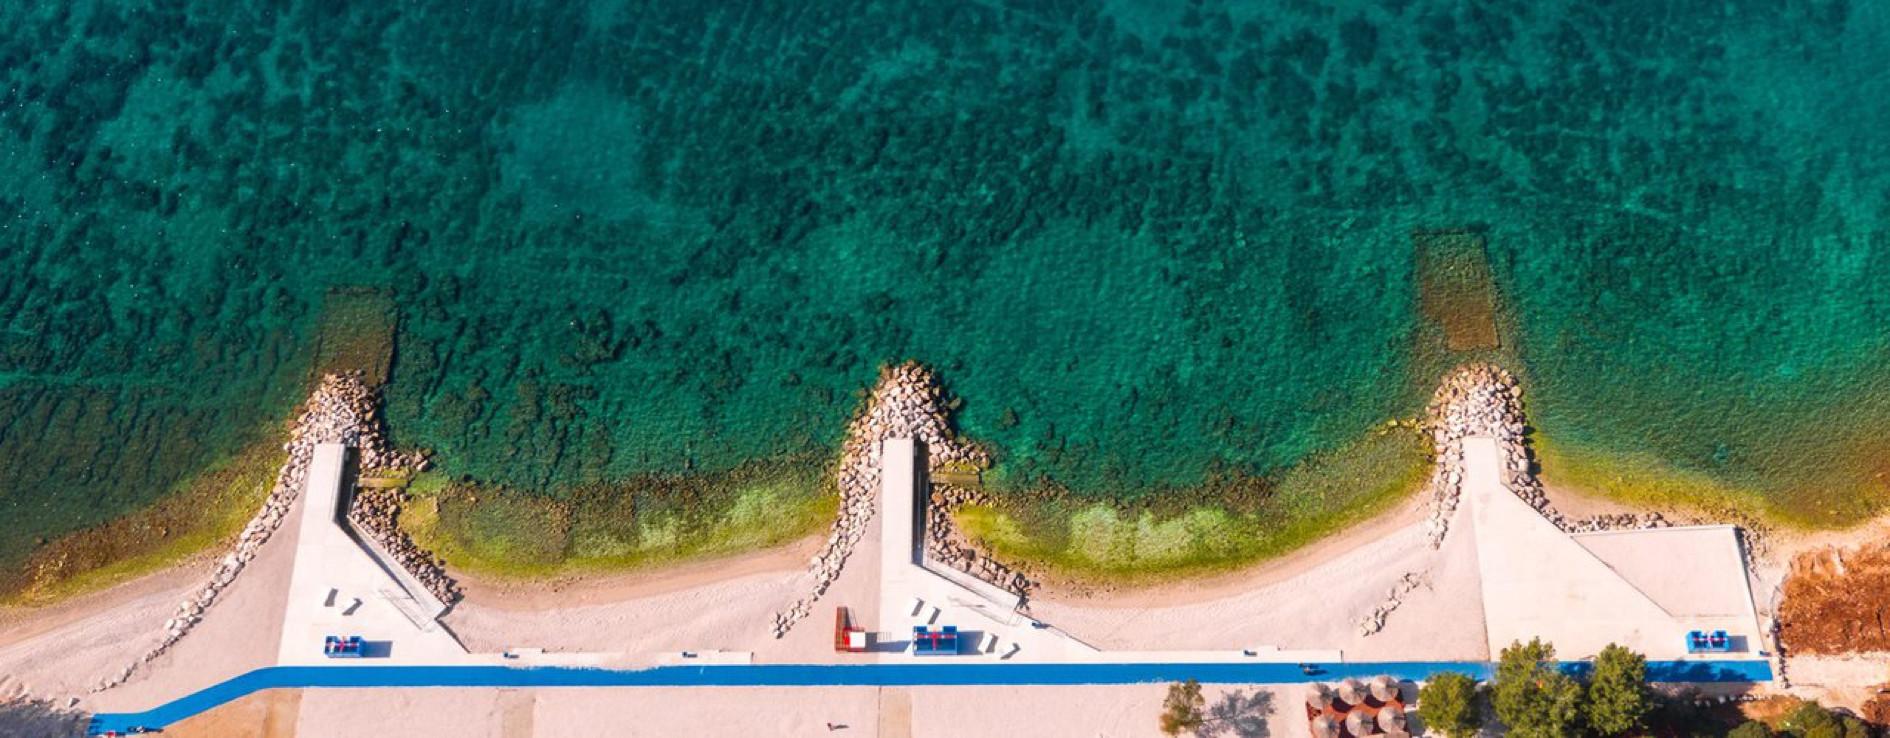 Uređenje plaže Hidrobaza - Štinjan, Pula - Primum ing d.o.o.